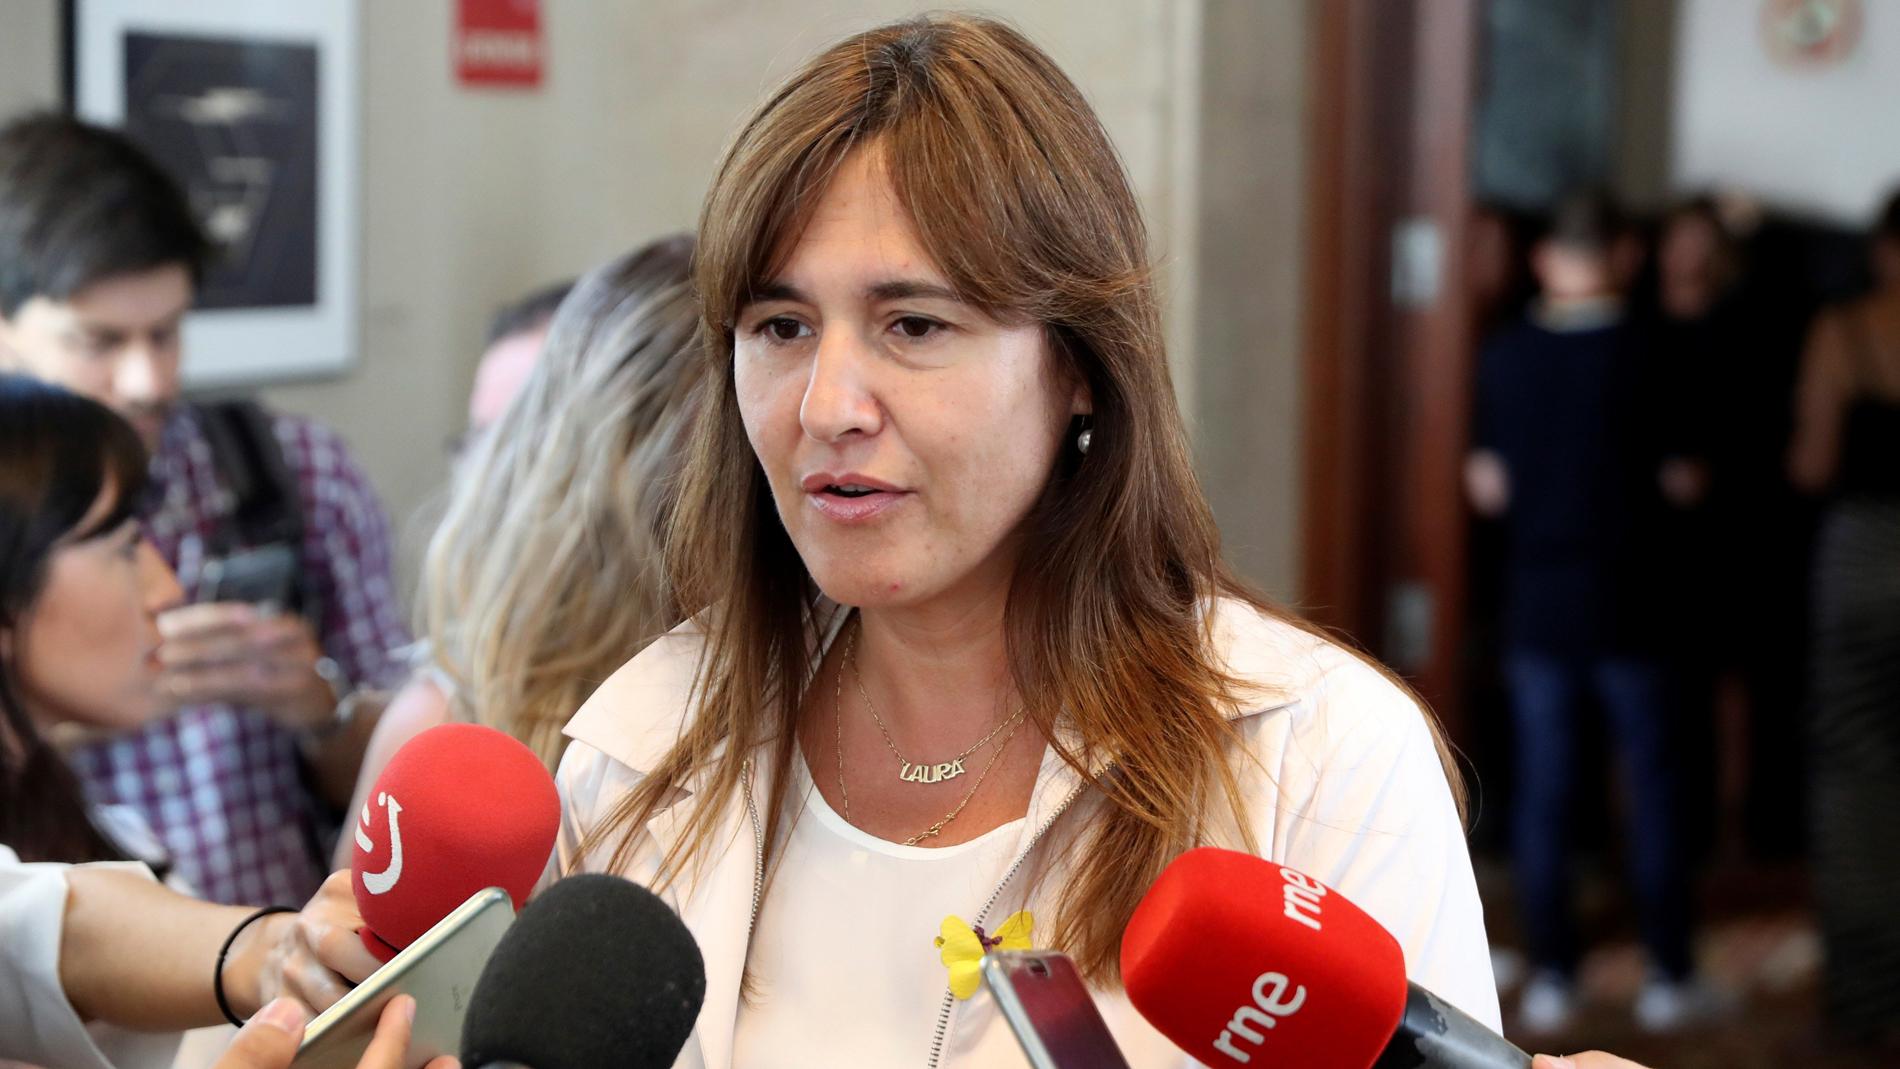 Resultado de imagen de La investidura de Sánchez sigue complicándose con la negativa de JxCat de apoyarla y el bloqueo con Podemos